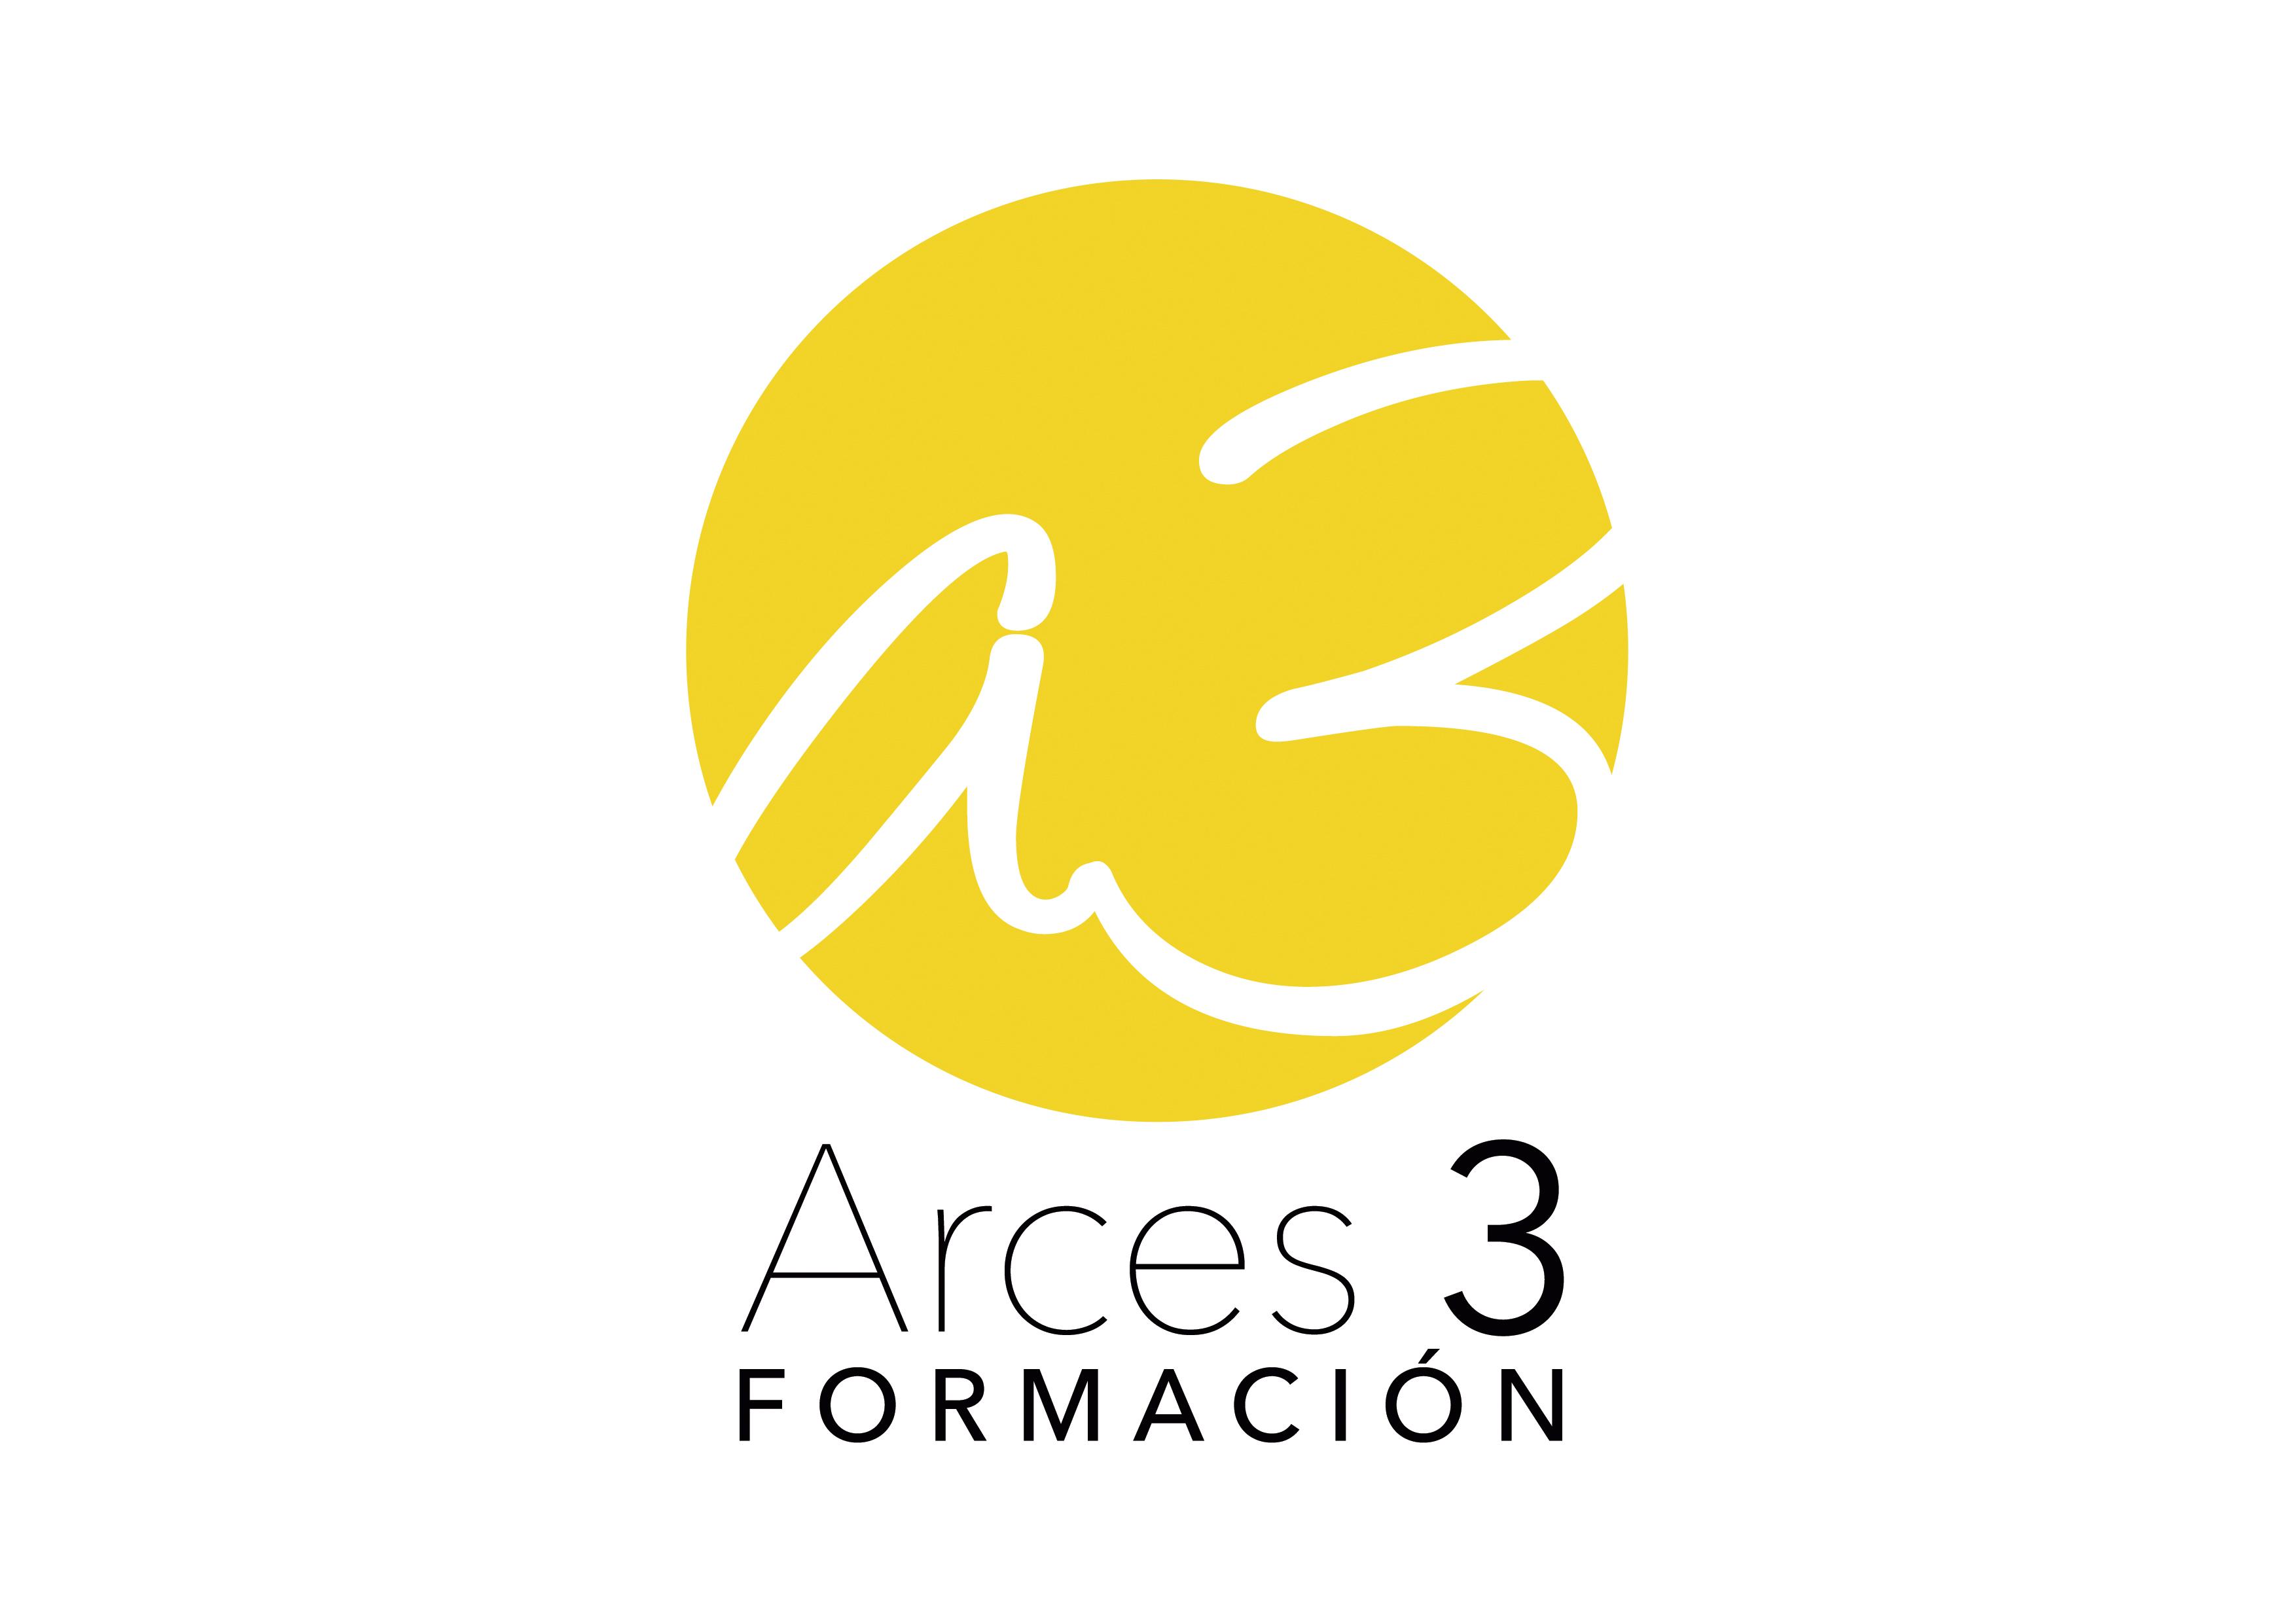 Arces 3 Formación